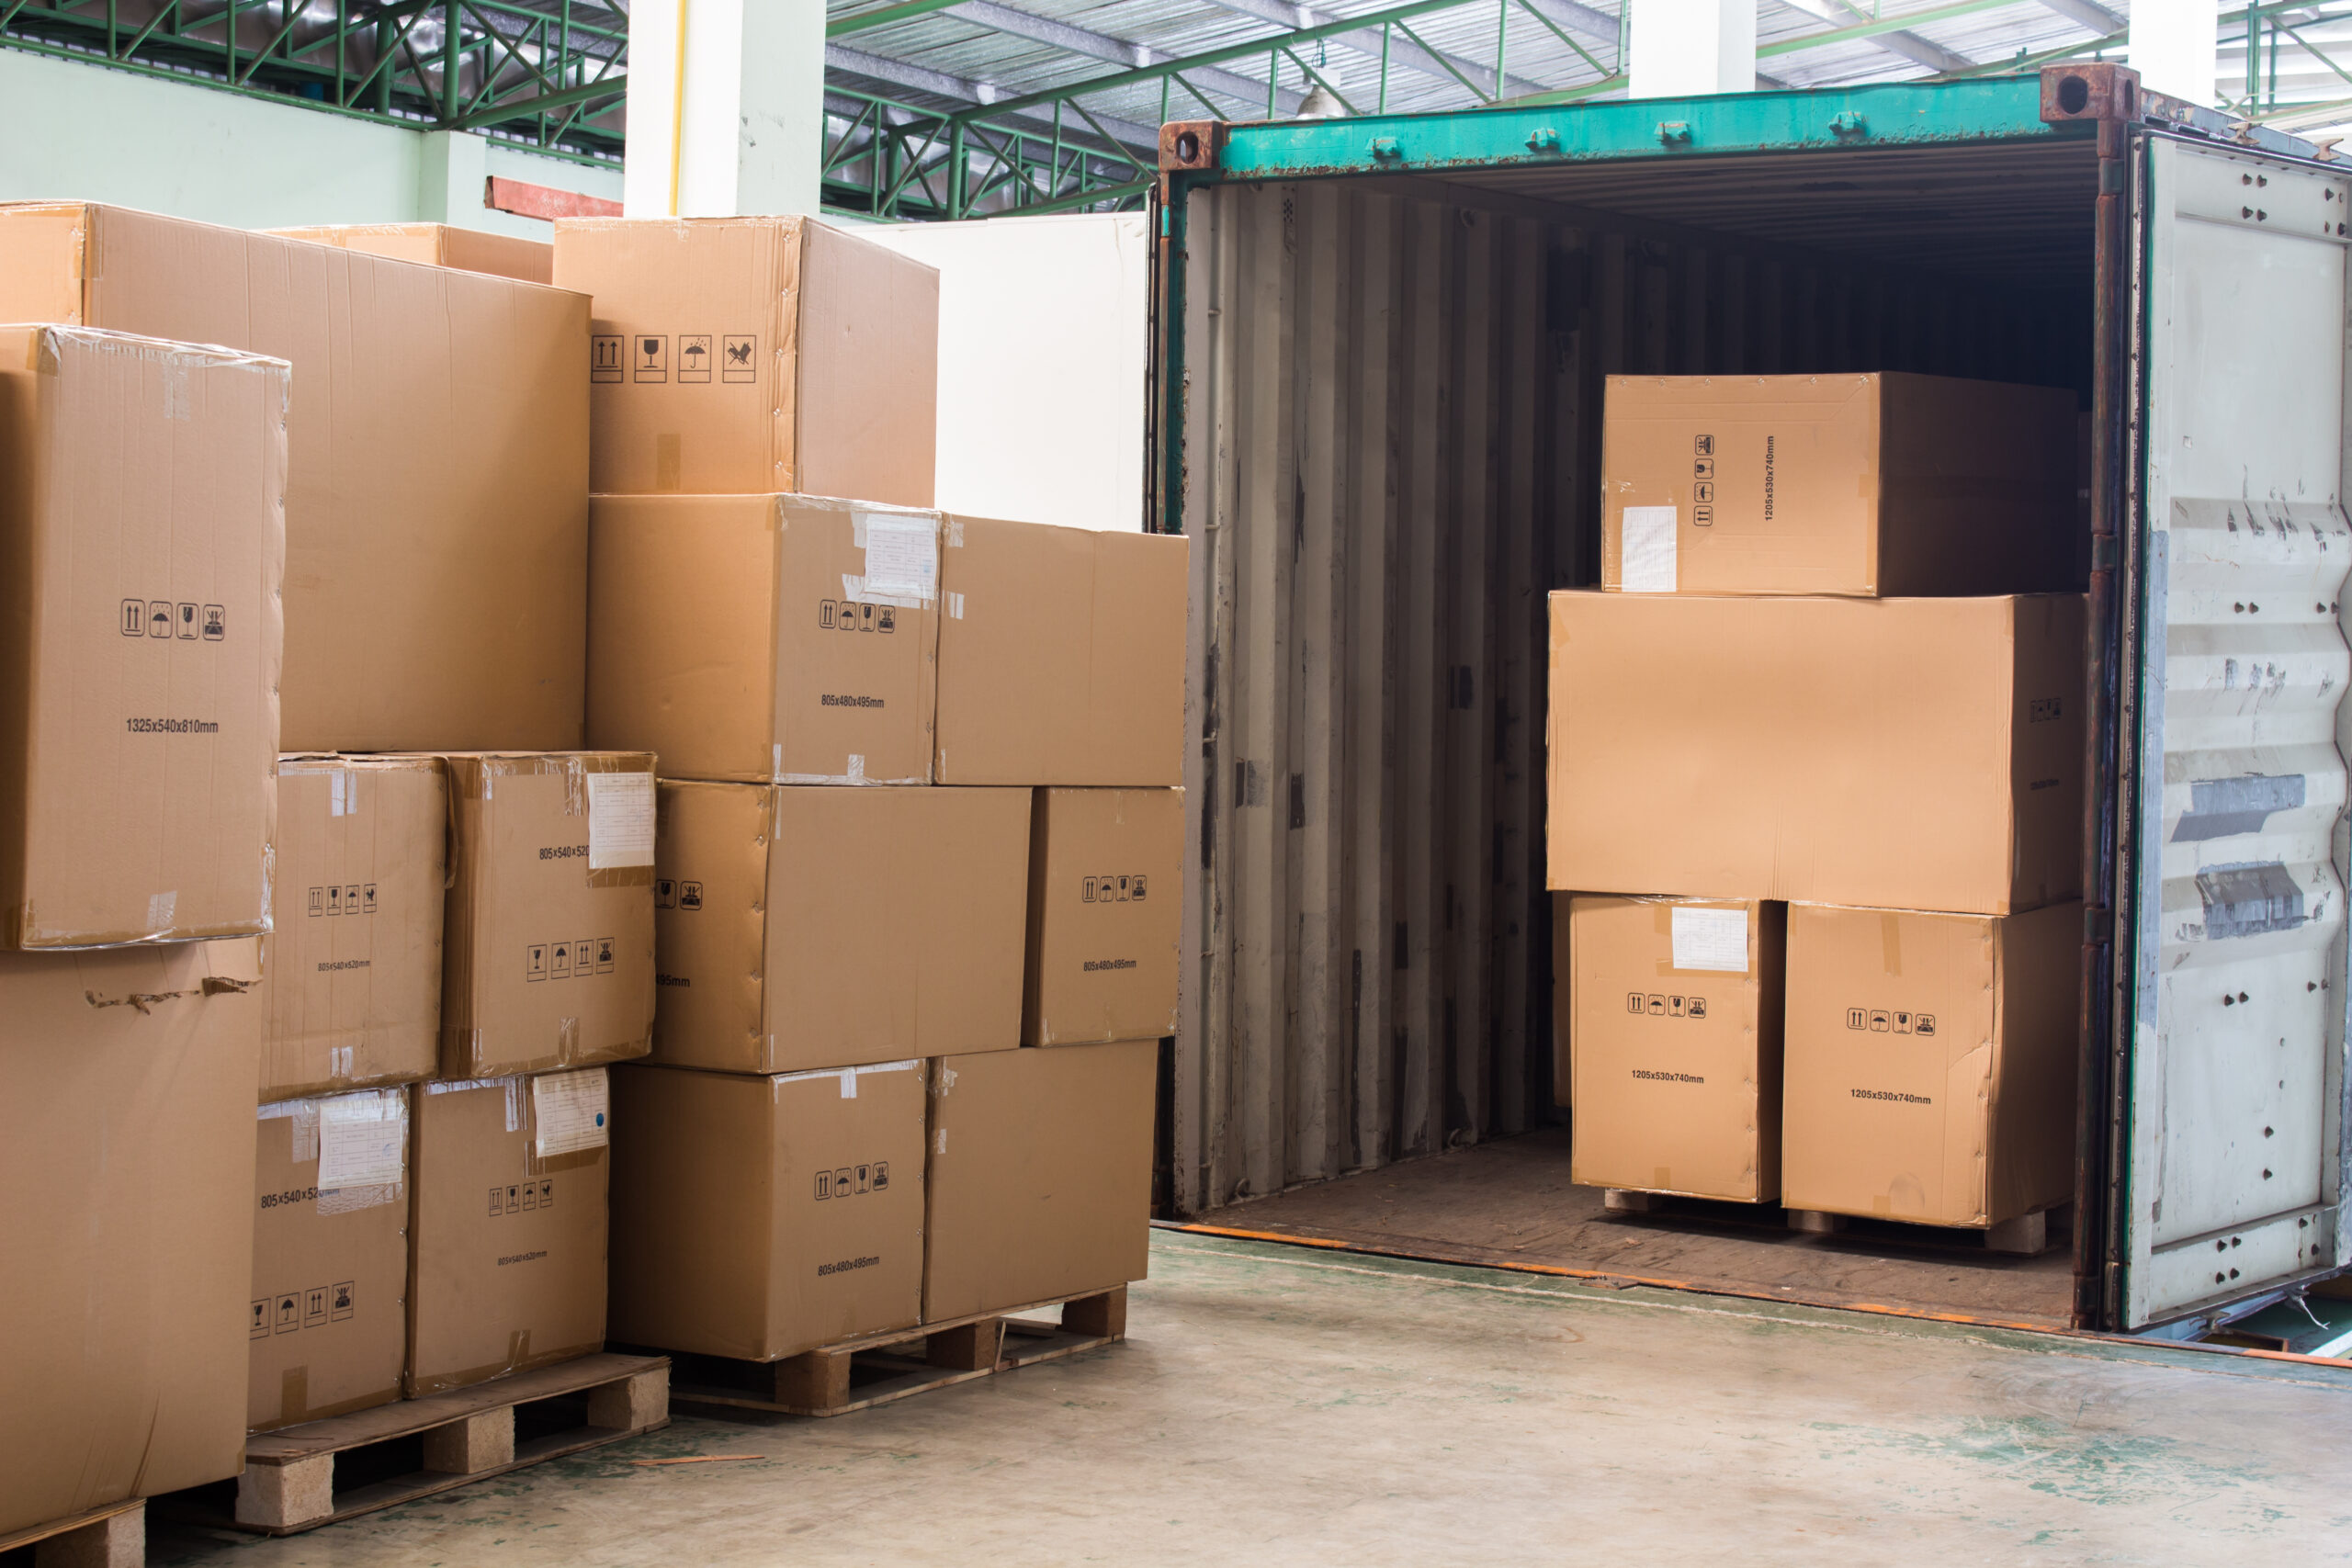 Trasporti Barbazza svuotamento container Frugarolo Alessandria Piemonte